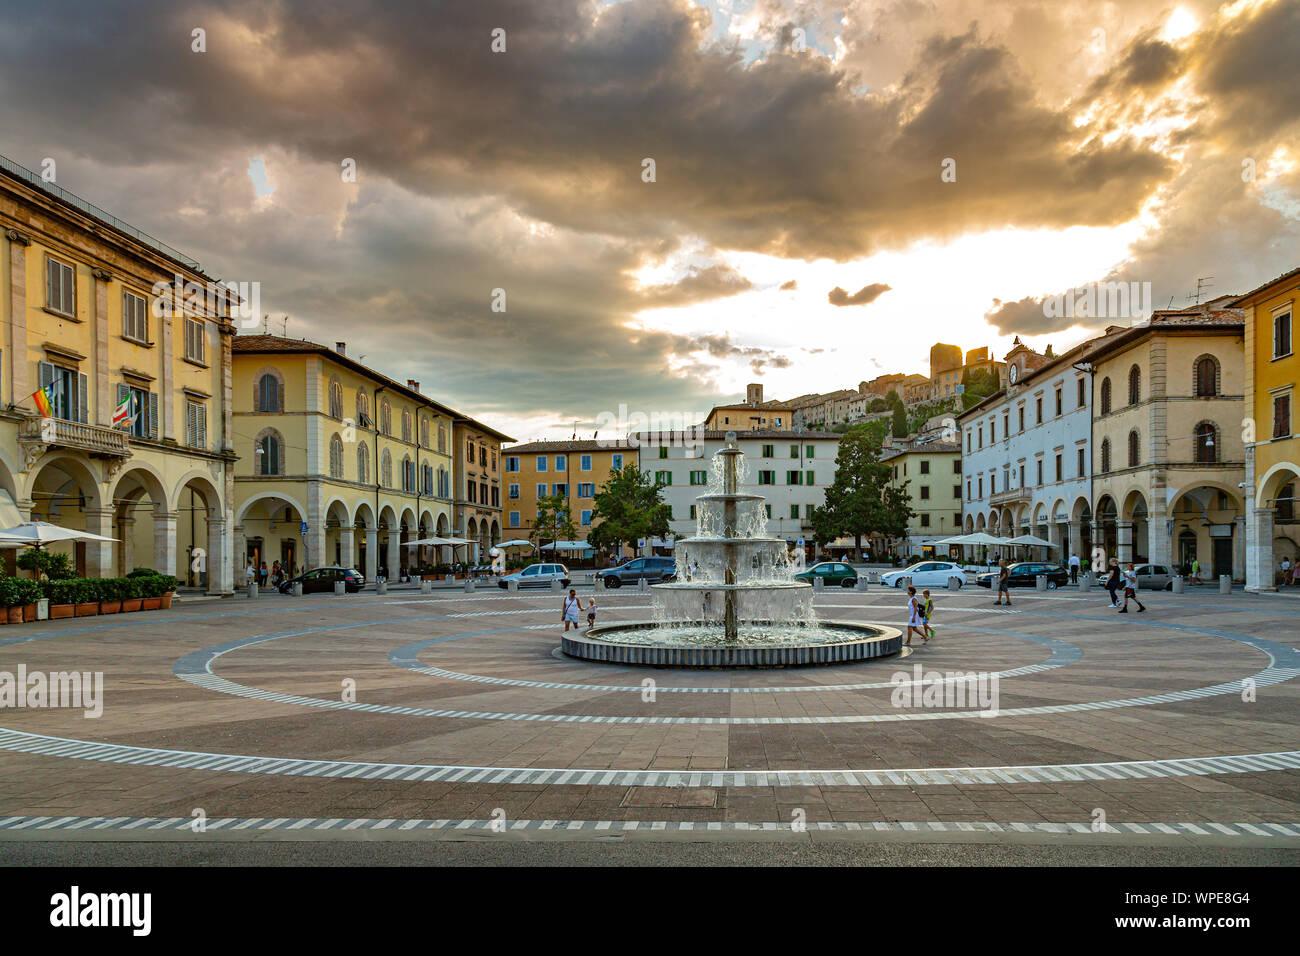 Arnolfo Di Cambio square, Colle Val D'elsa Stock Photo